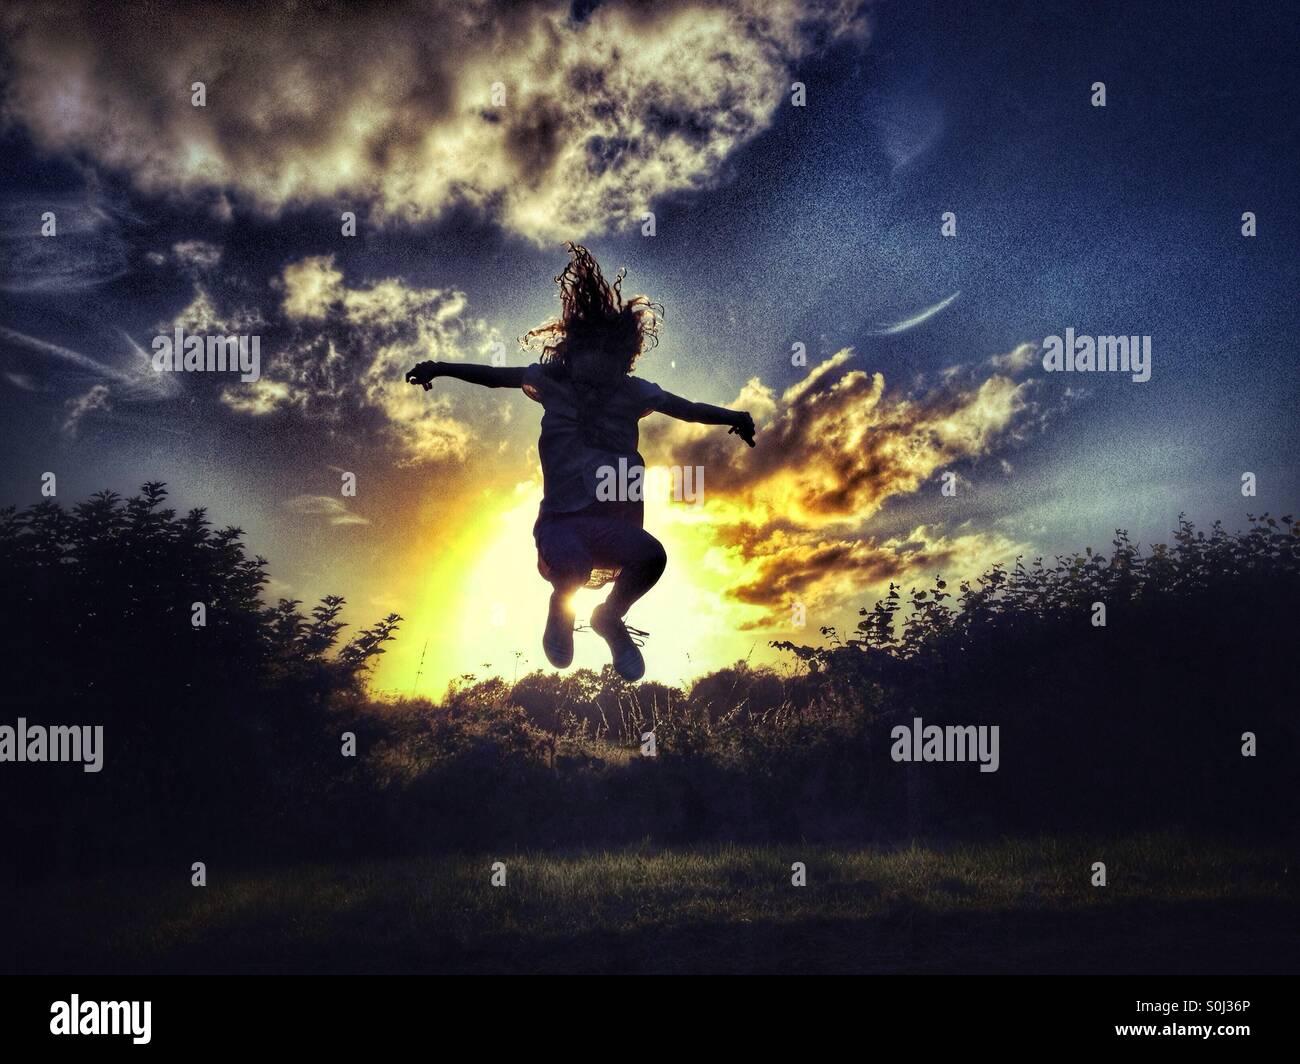 Junges Mädchen springen Hintergrundbeleuchtung durch späten Abend Sonne Stockbild